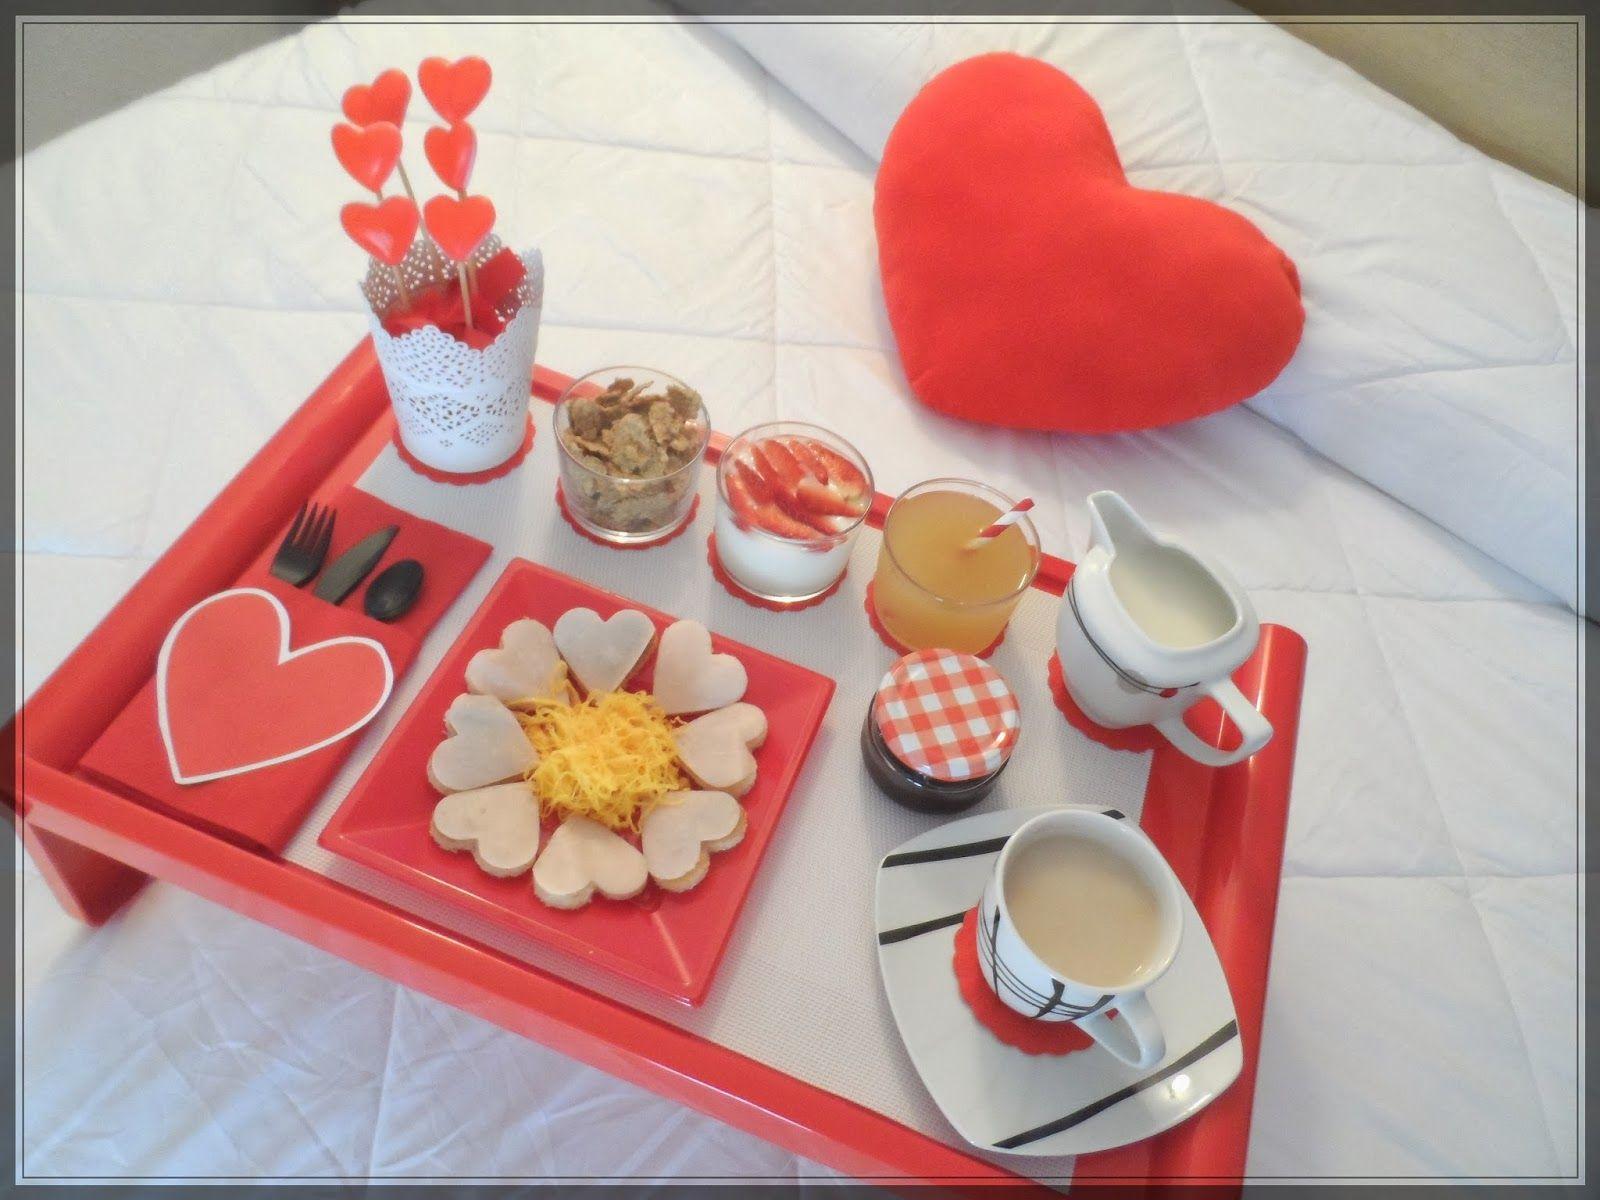 Fotos de desayunos romanticos buscar con google el - Sorpresas para enamorados ...